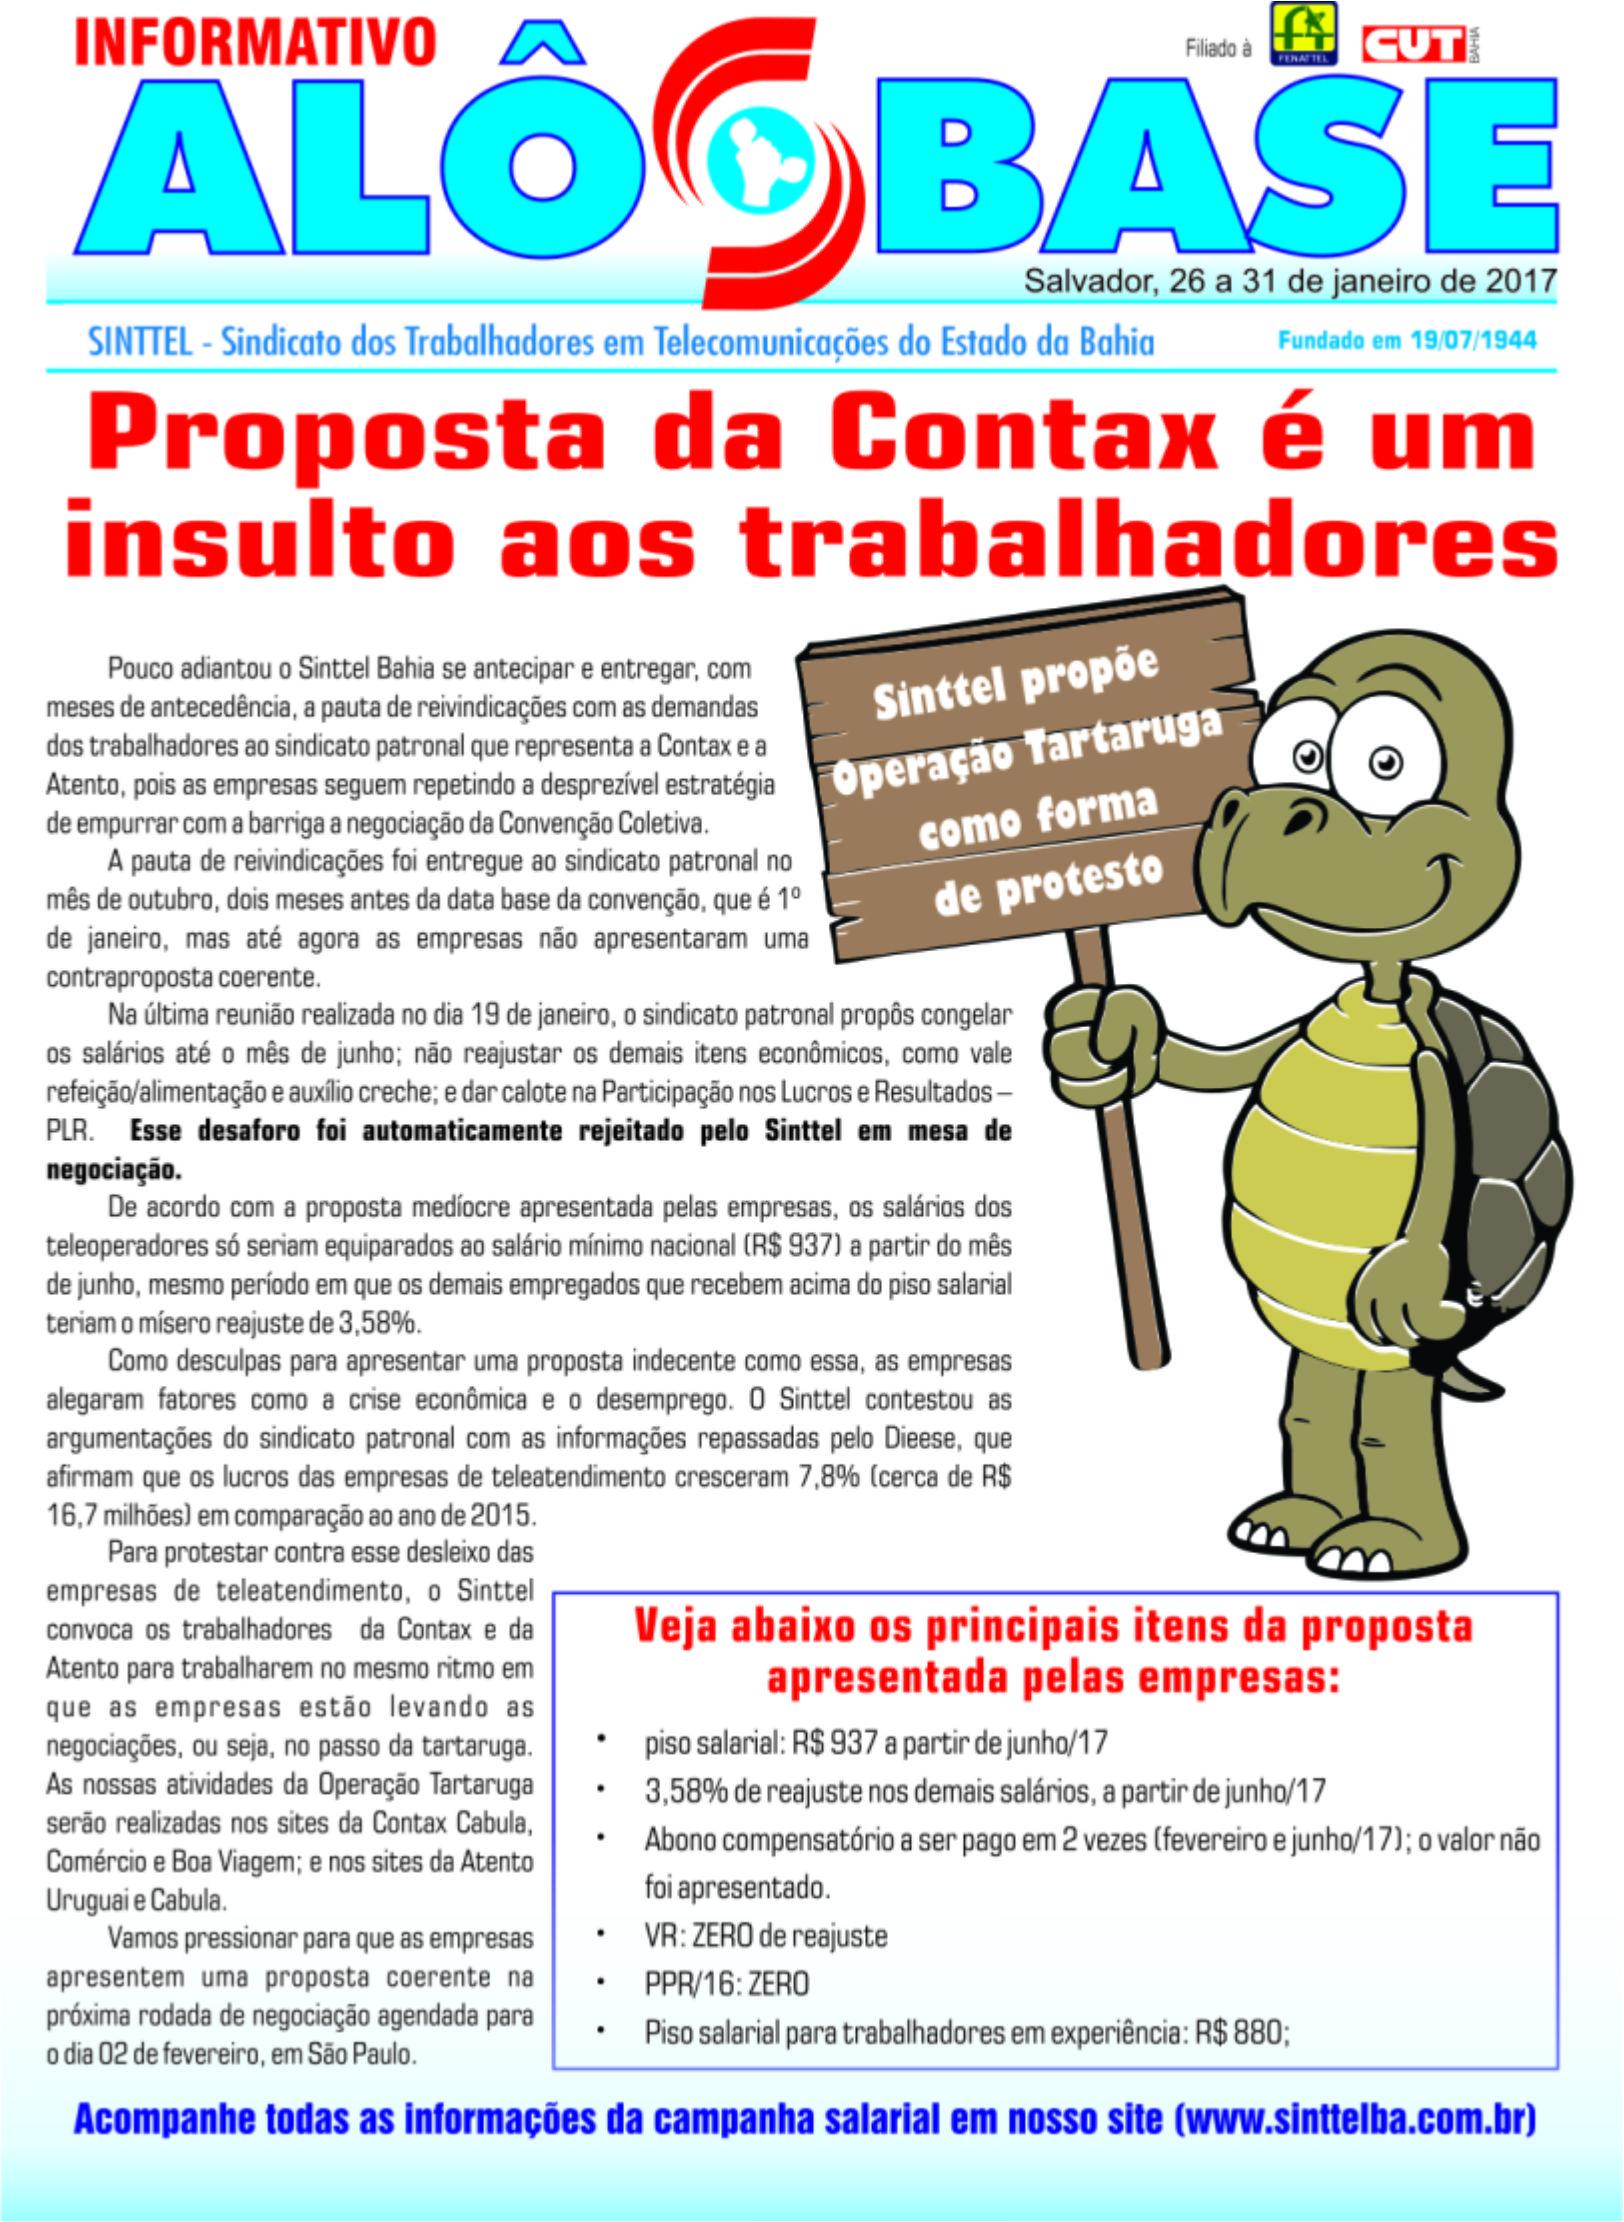 Proposta da Contax é um insulto aos trabalhadores